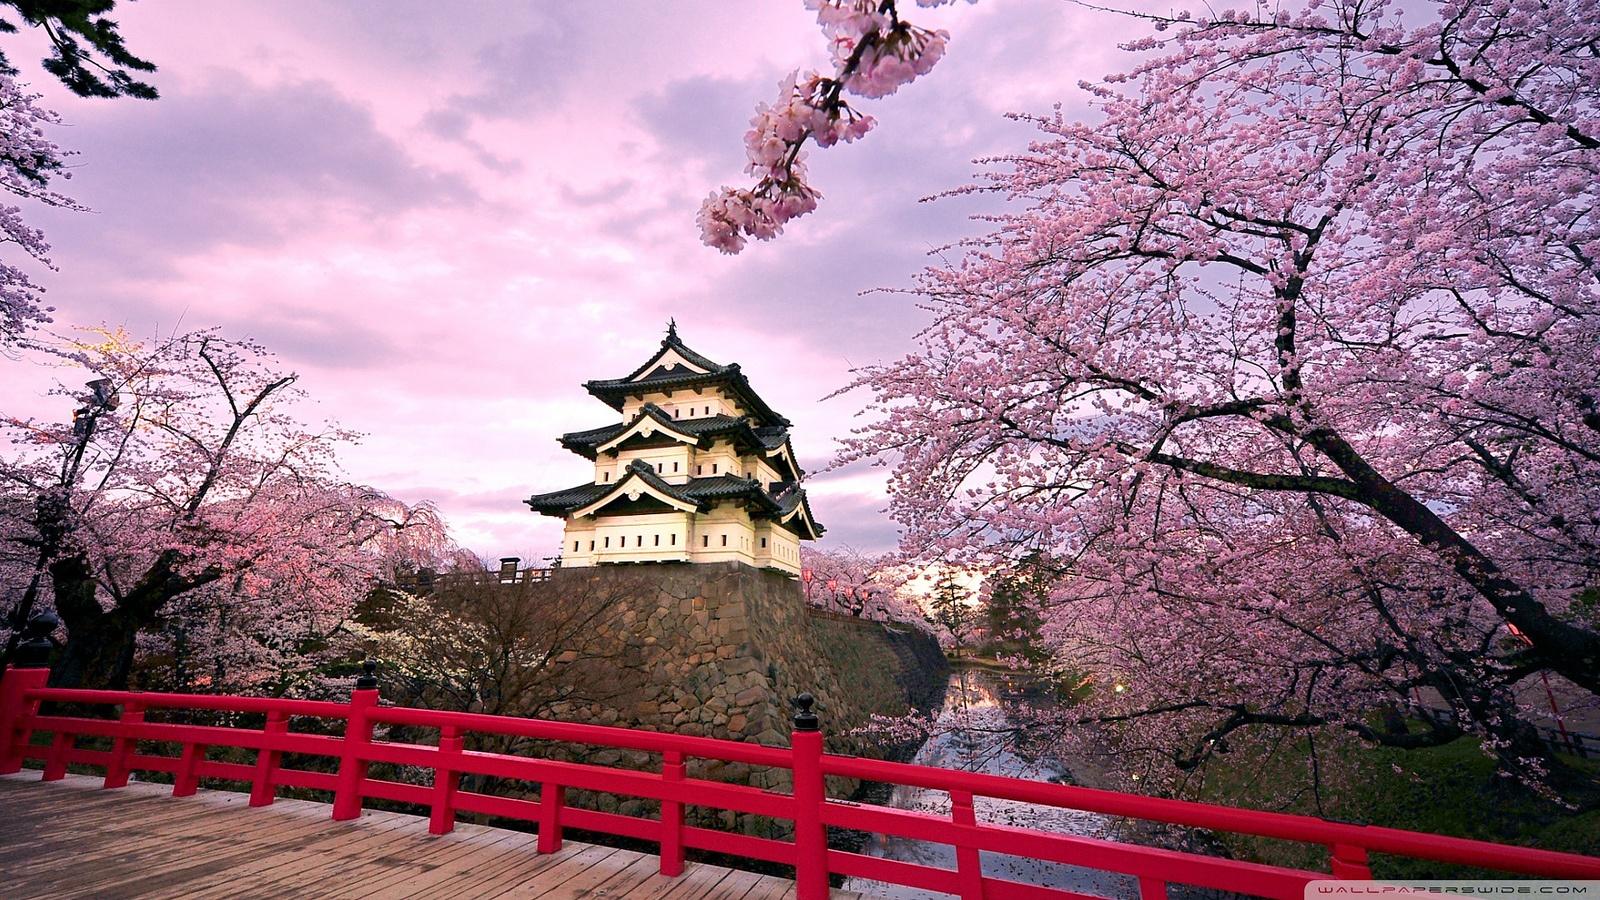 春游要趁早 | 日本东北10大必去春日景点